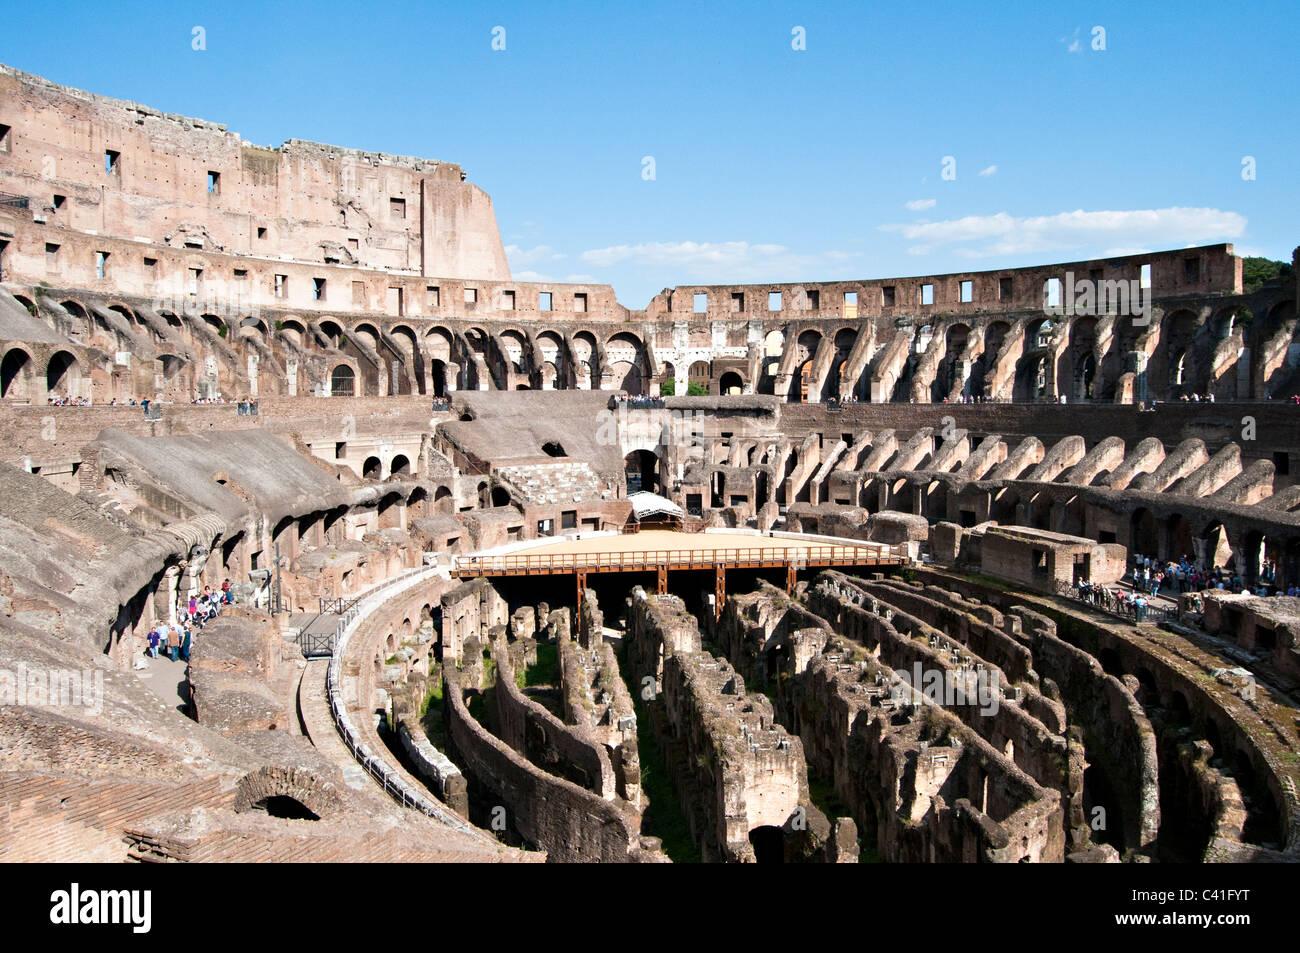 Innenansicht der Kolosseum - Rom, Italien Stockbild